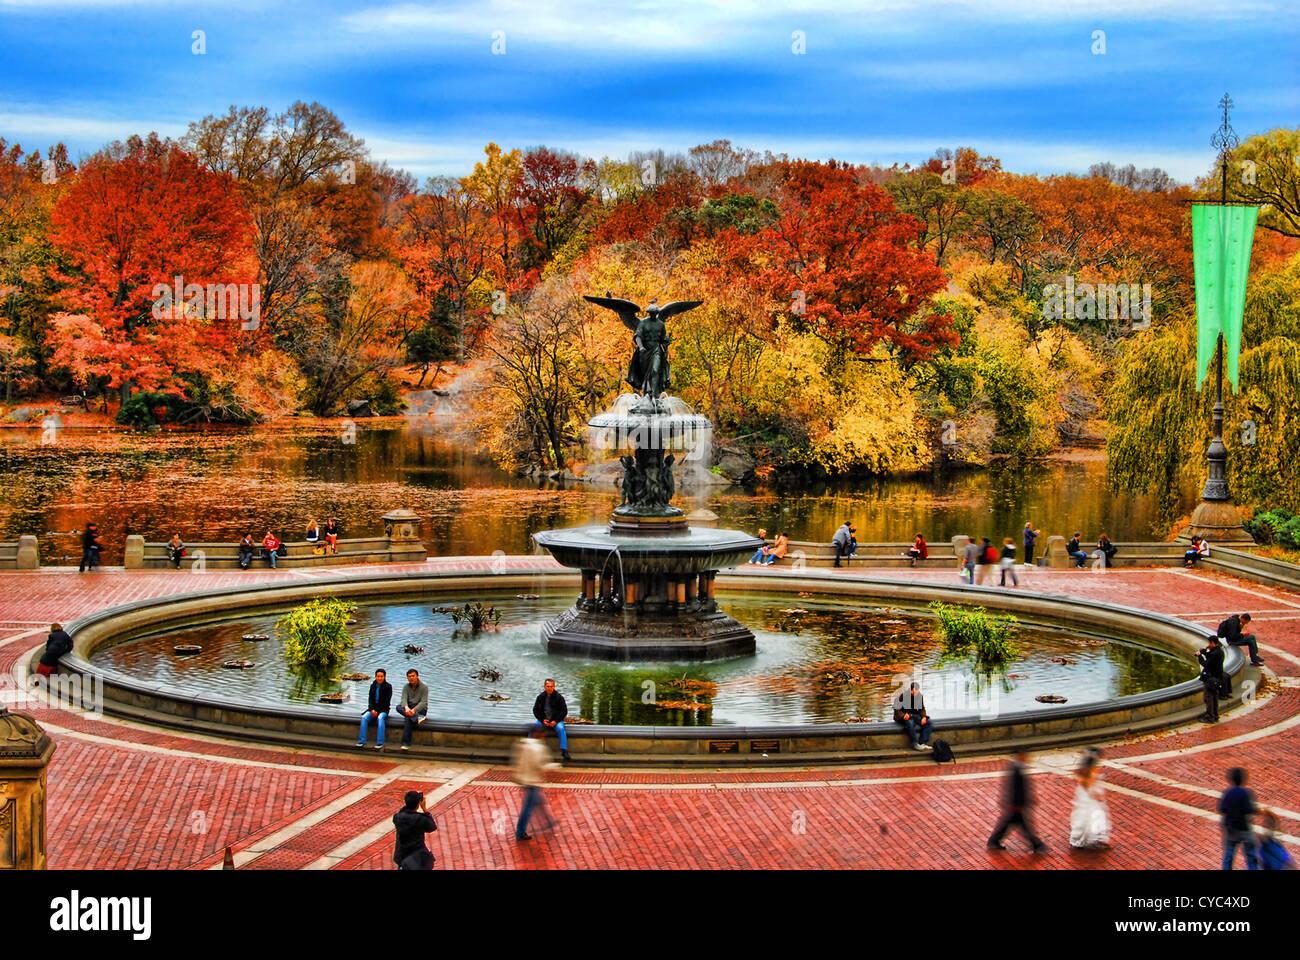 Immagine hdr di Bethesda Terrazza in autunno, Central Park, Manhattan, New York City. Immagini Stock